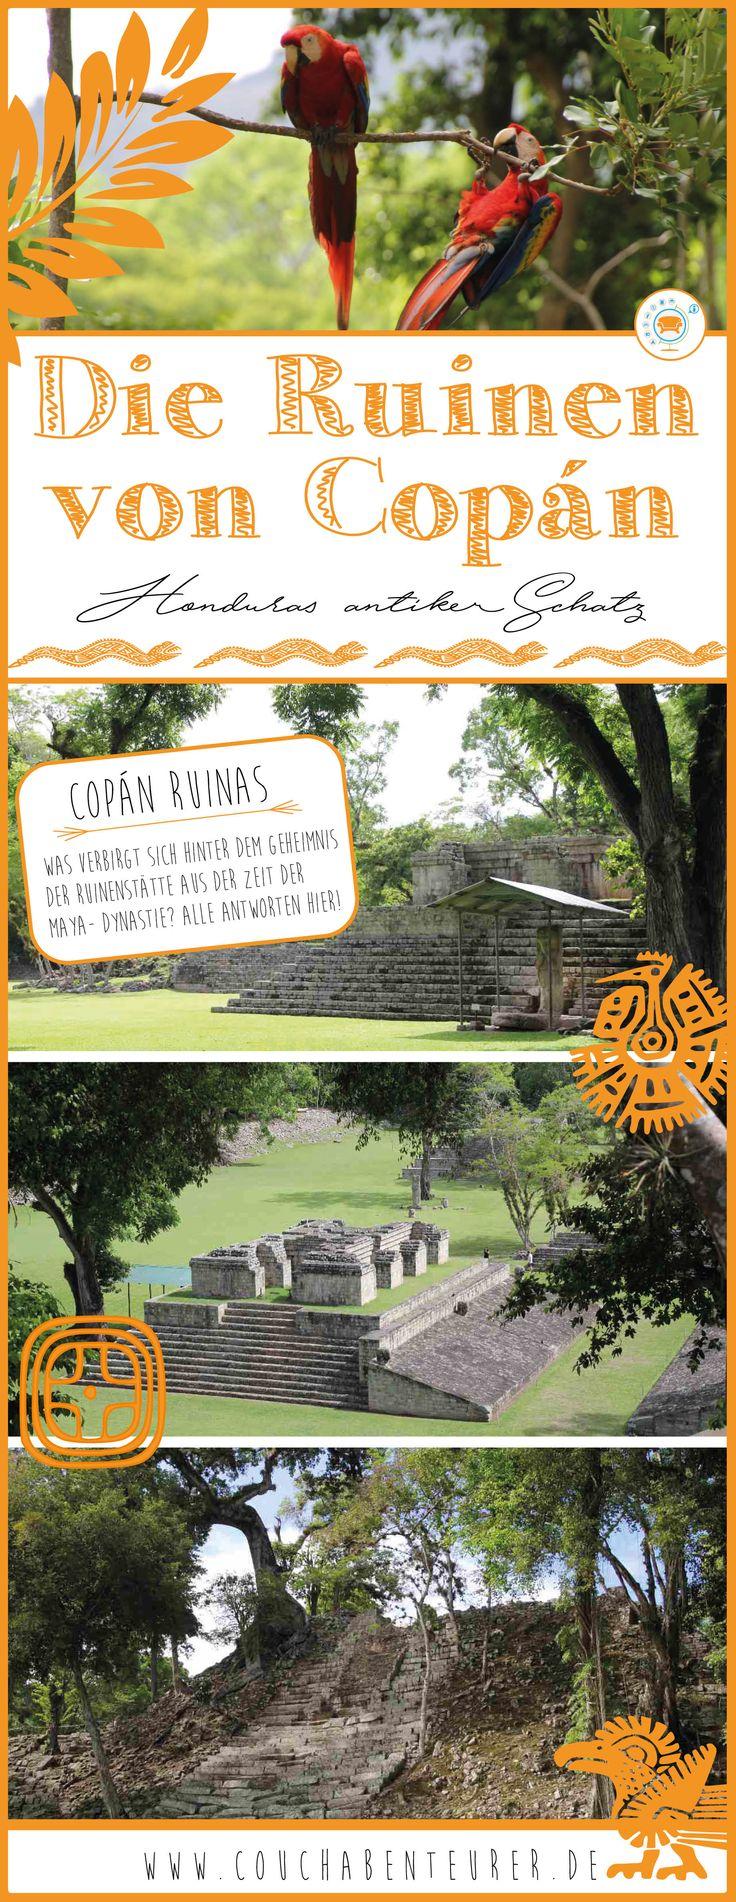 Copán Ruinas die Maya Stadt in Honduras hat mich gefesselt, inspiriert und in eine längst vergangene Zeit mitgenommen. Was sie so magisch macht, verrate ich hier!